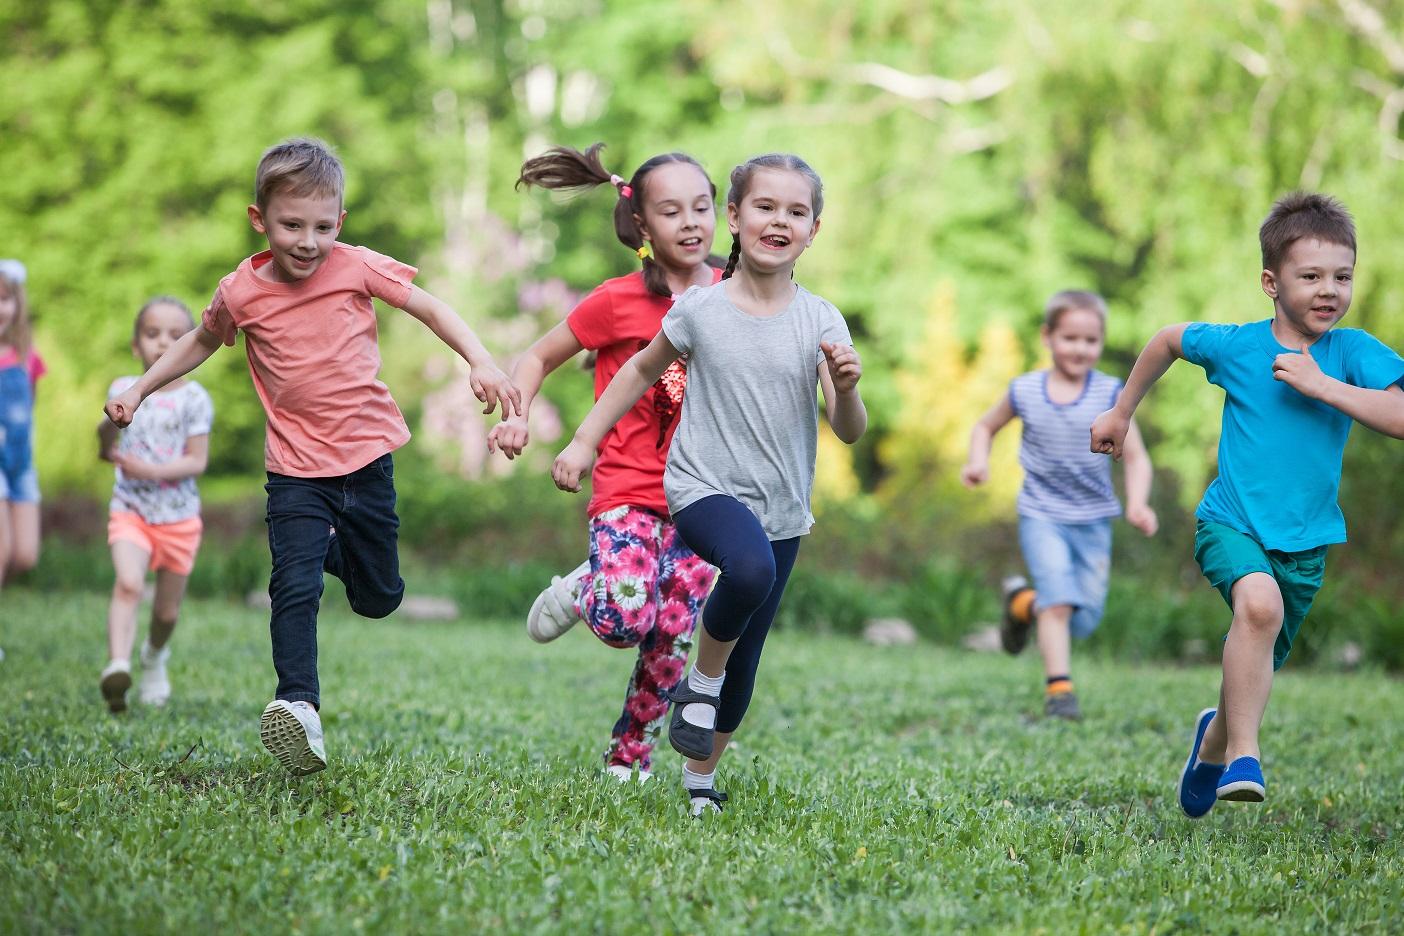 AdobeStock_children runningsmall.jpg